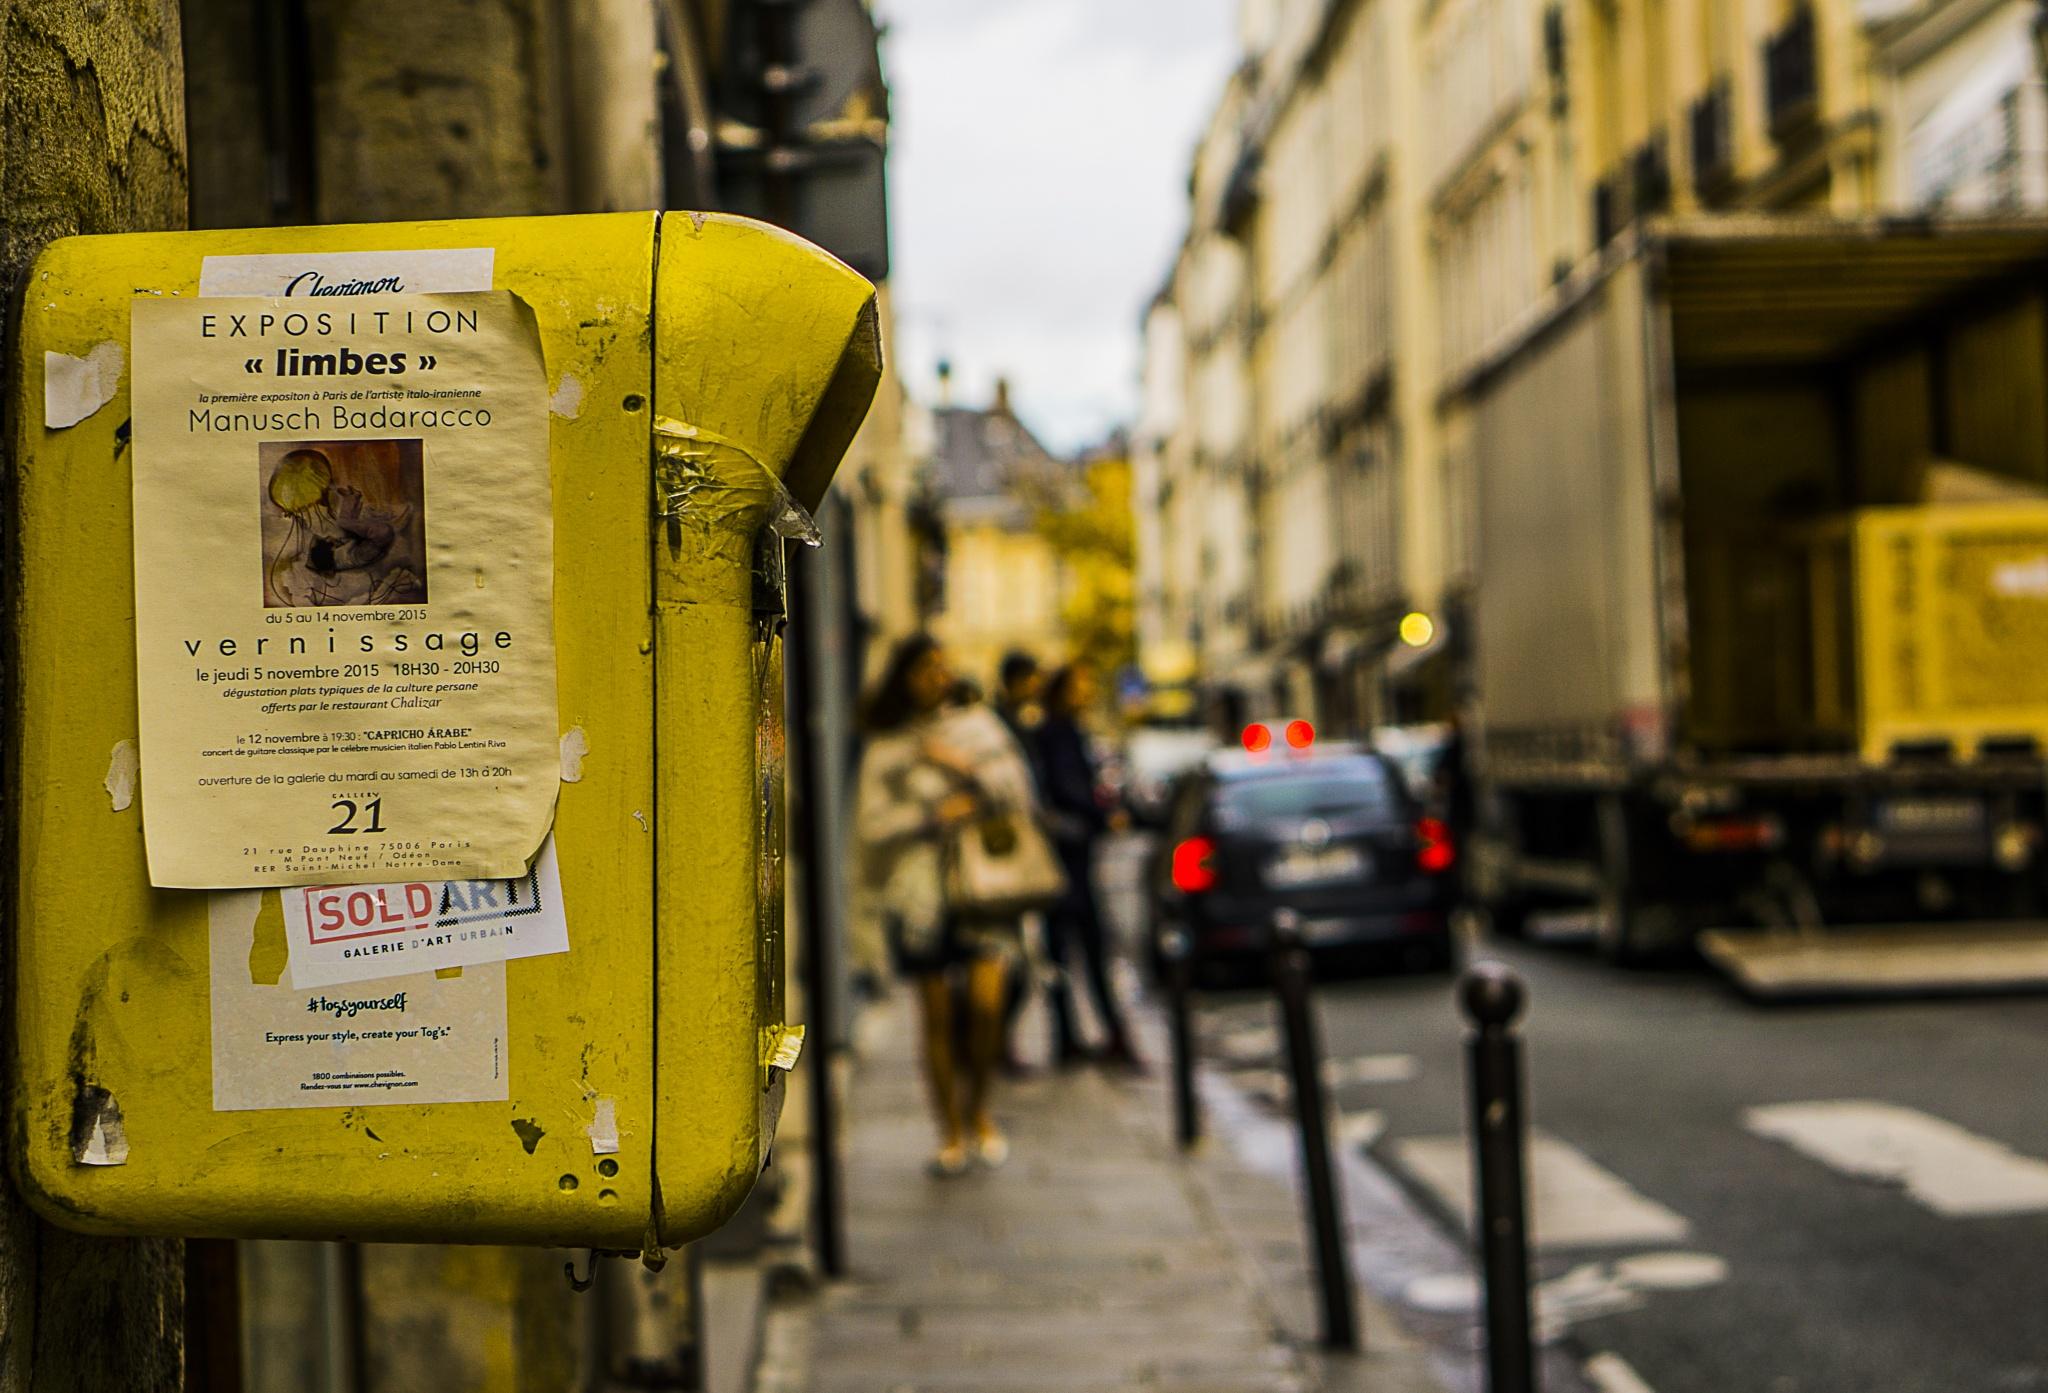 Parking Meter, Paris by Chris Lane